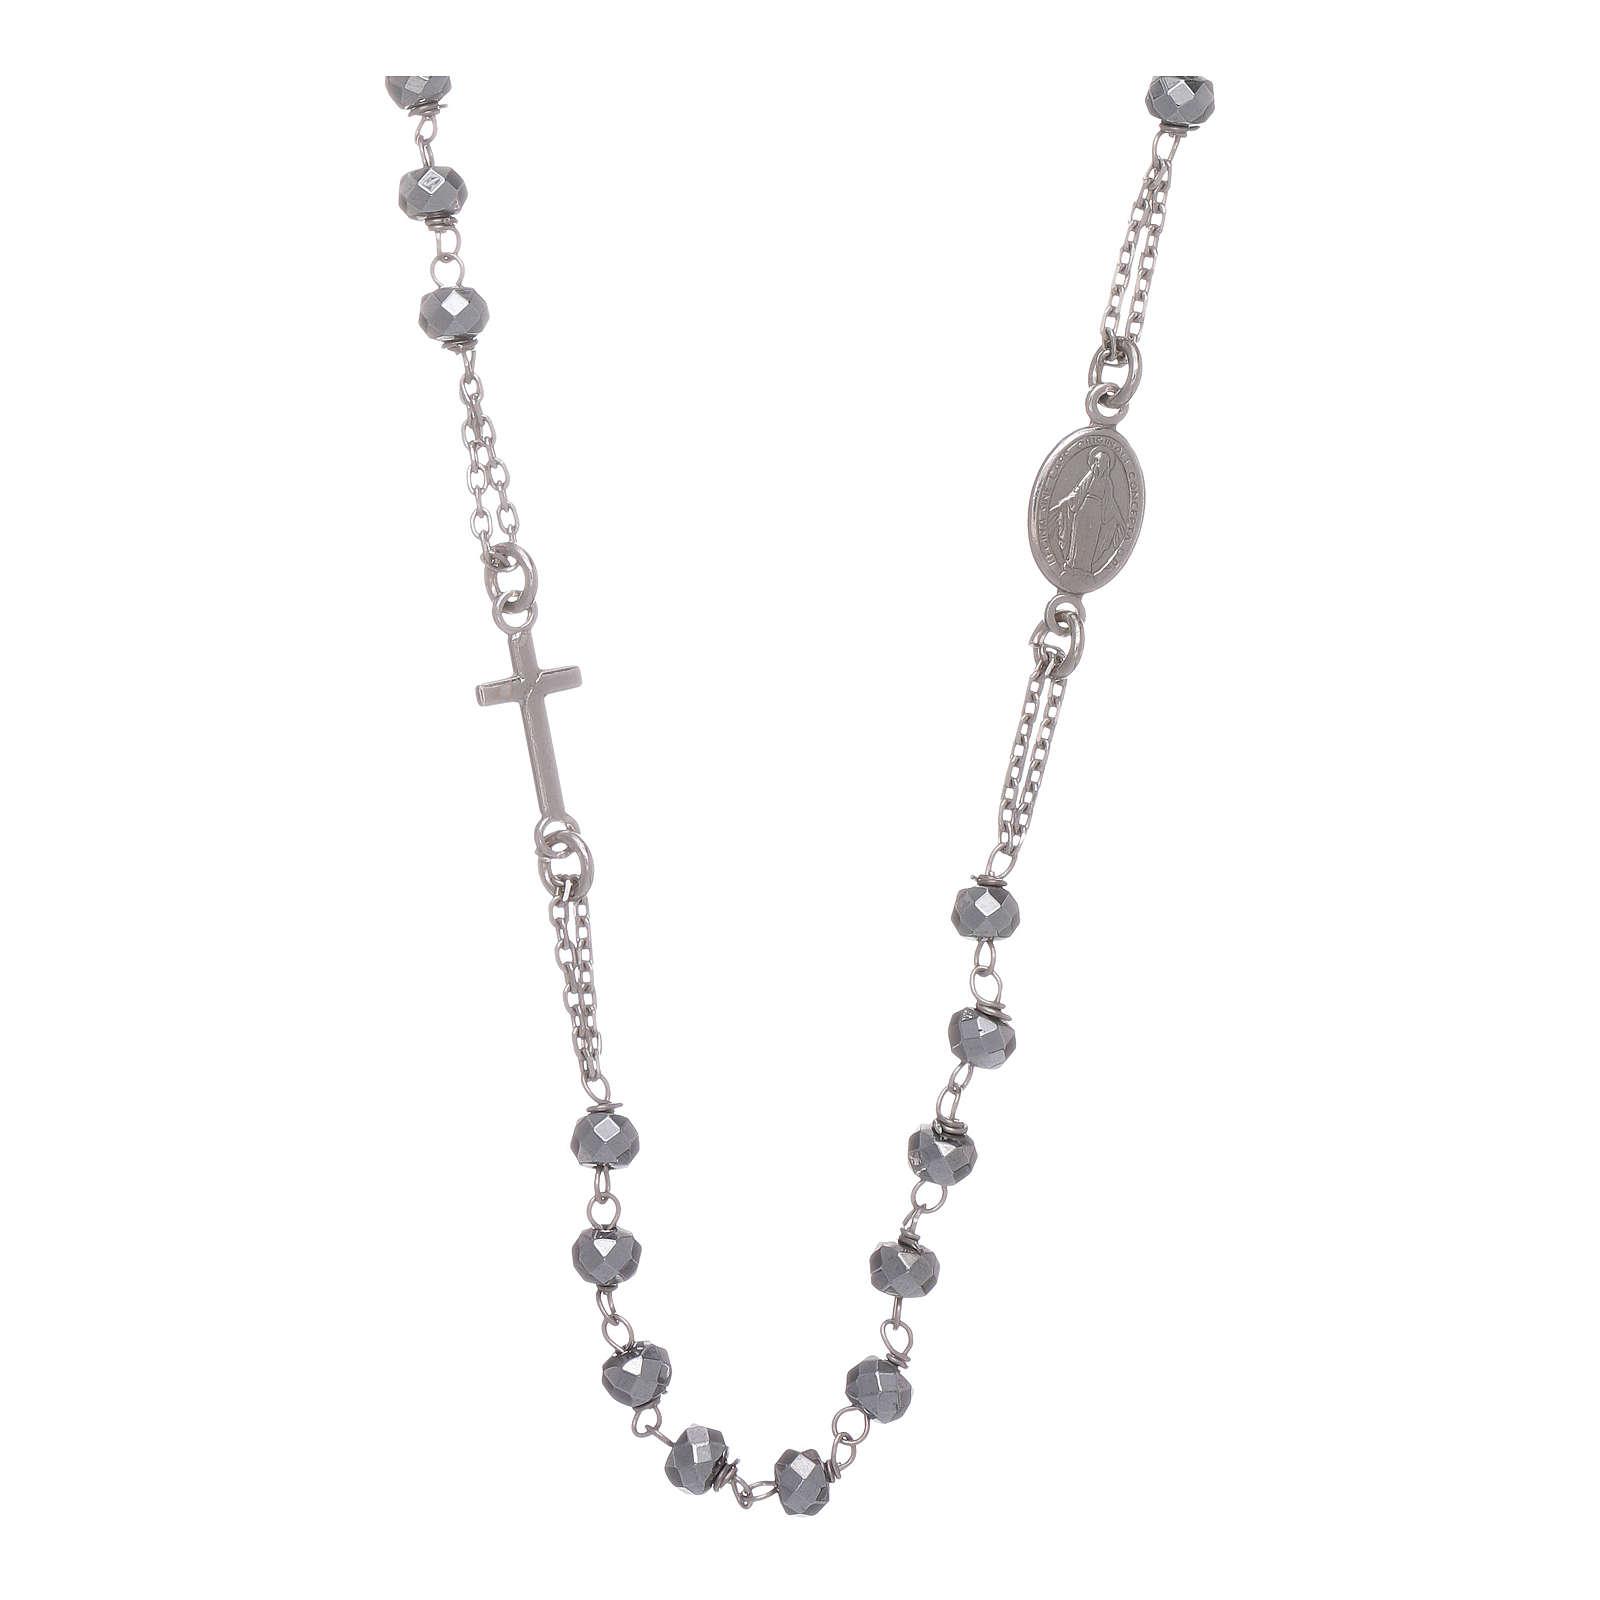 Rosario girocollo argento 925 colore silver sfera ematite rodio 5 mm 4